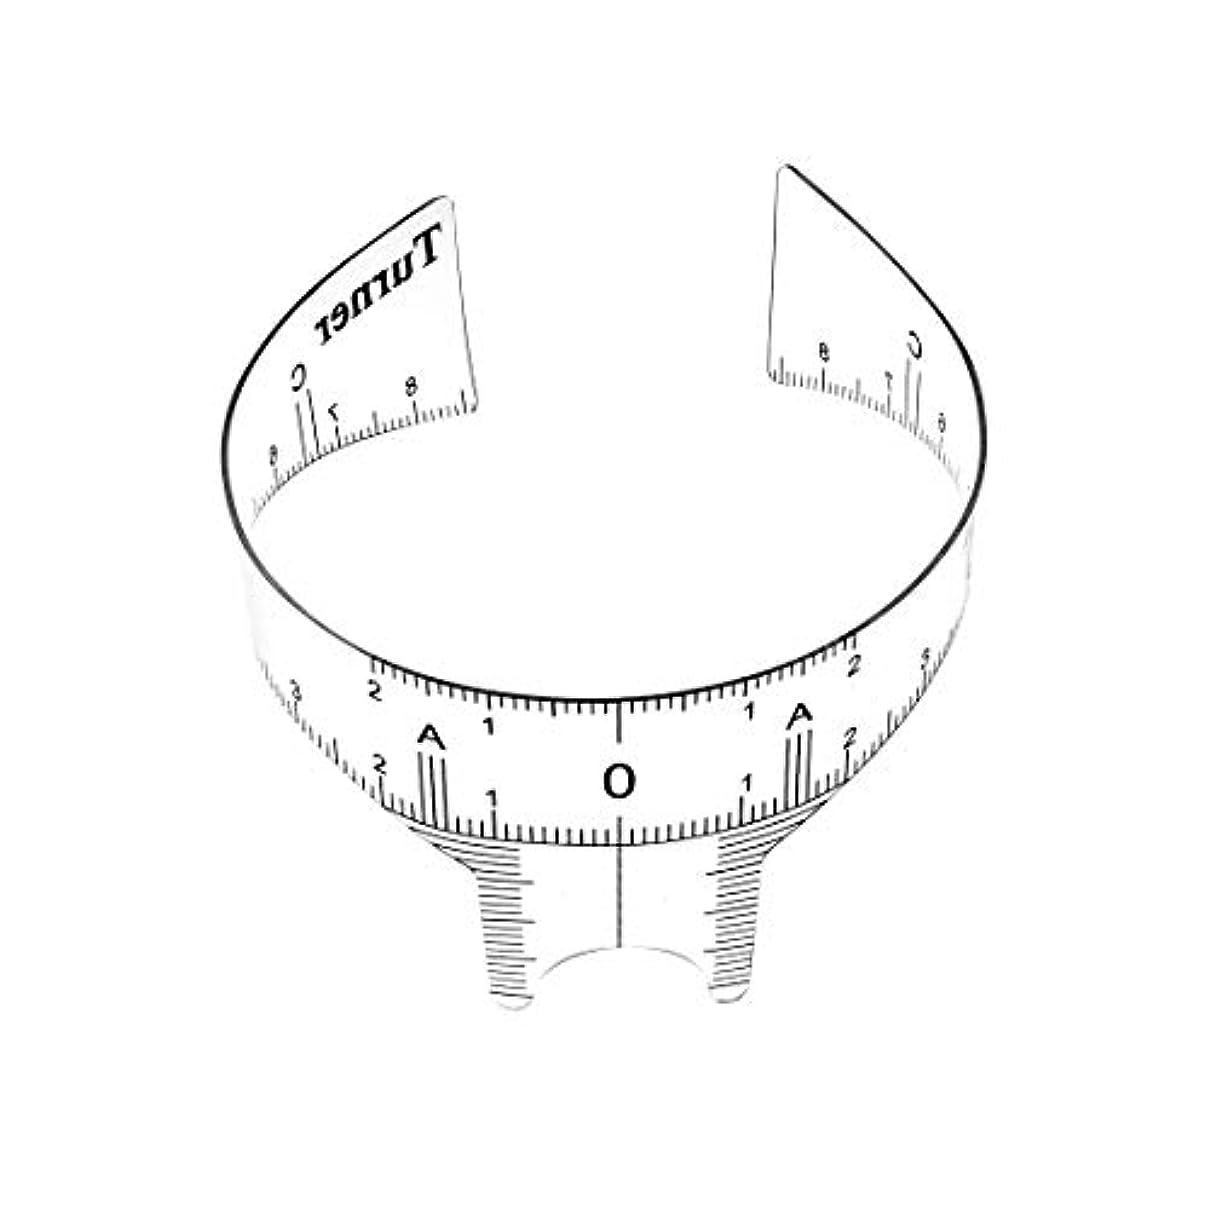 芸術黒くするuxcell ガイド定規 眉毛グルーミングステンシルシェーパー 測定ツール メイクアップ再利用可能